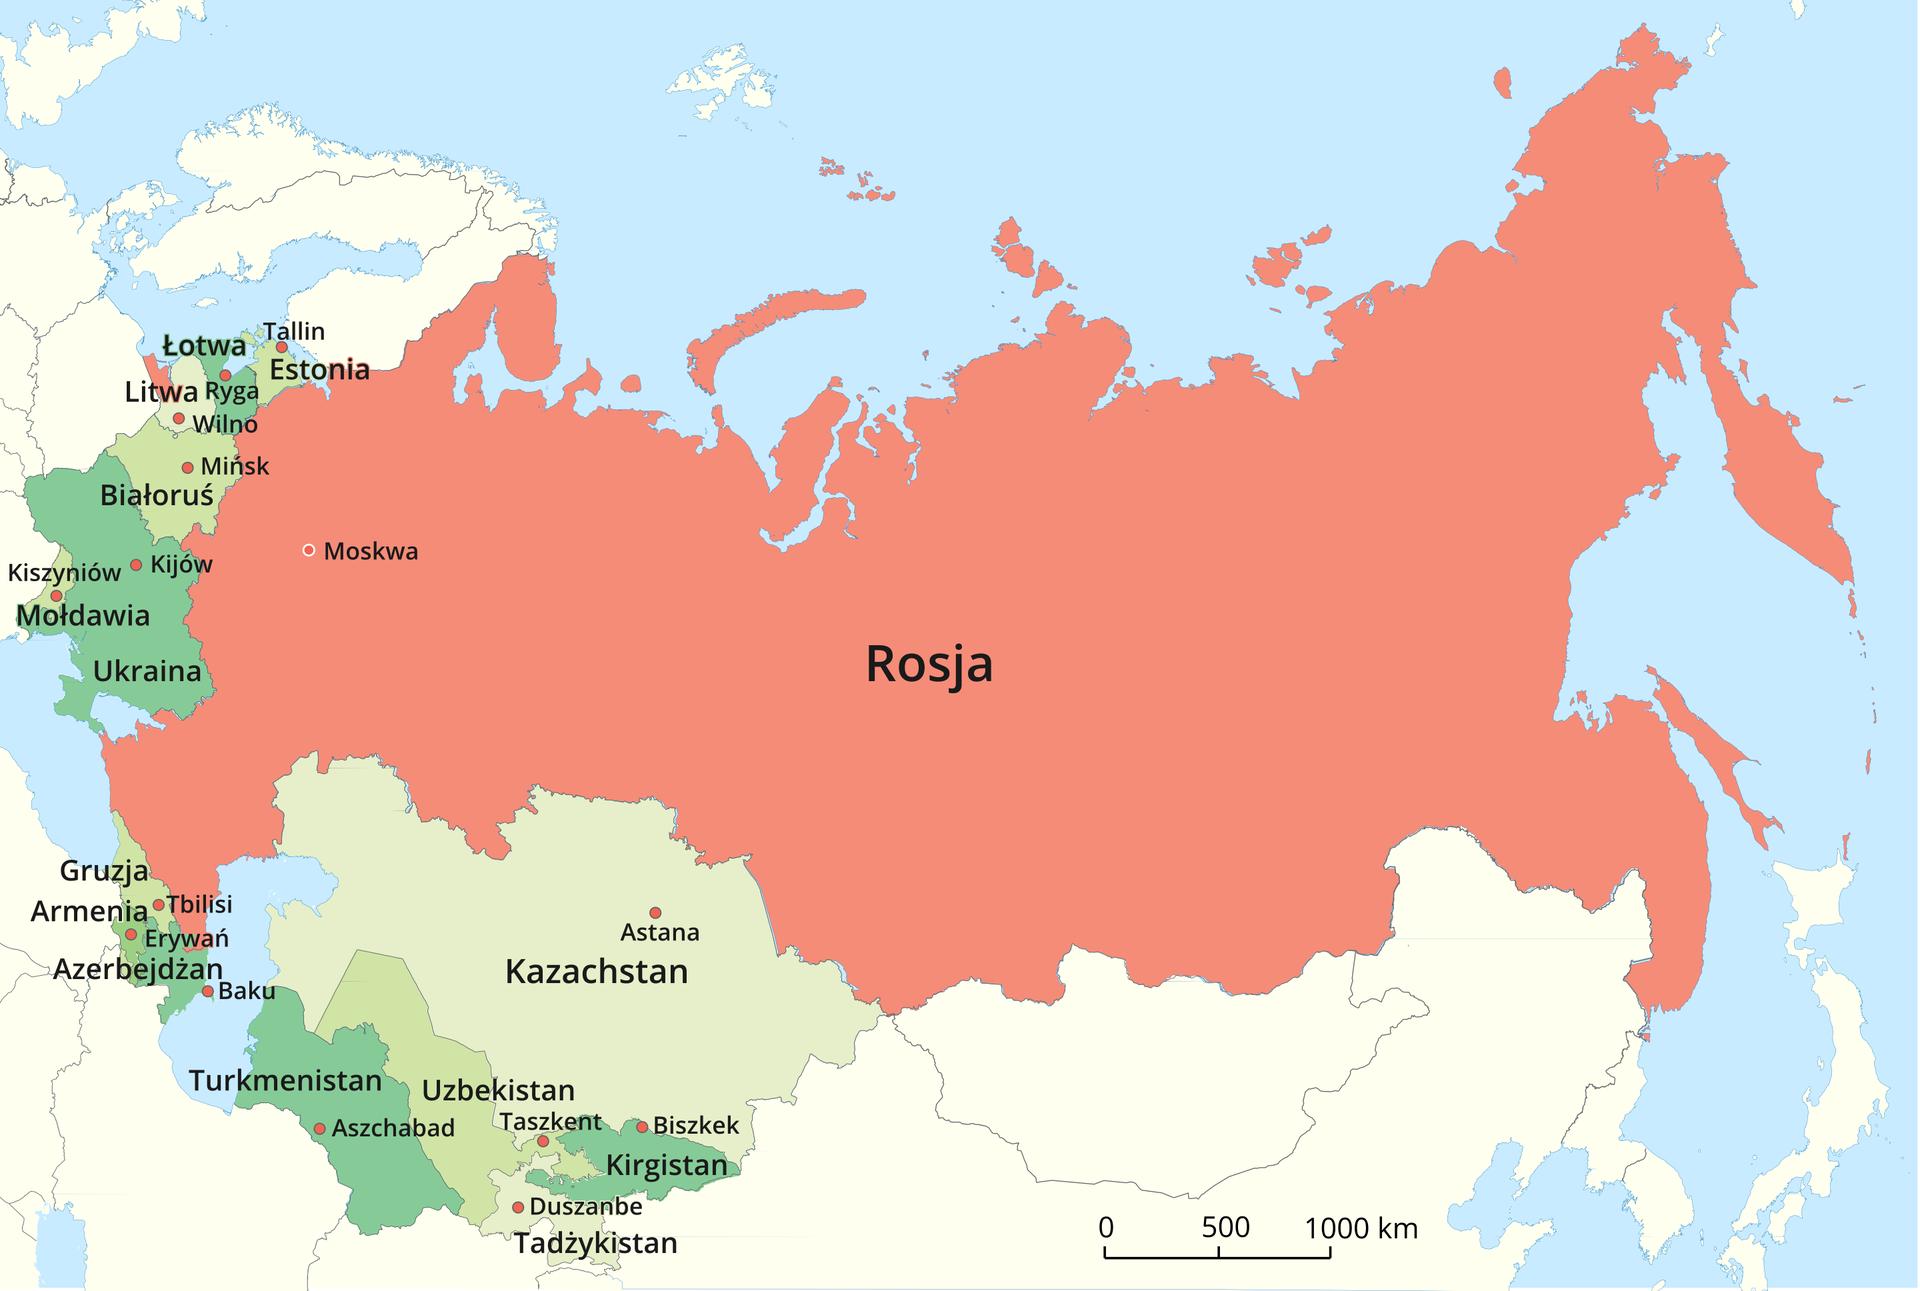 Na ilustracji mapa polityczna obrazująca rozpad Związku Radzieckiego. Kolorem czerwonym oznaczono Rosję, akolorami zielonymi czternaście kolejnych państw, powstałych wwyniku rozpadu Związku Radzieckiego: Armenia, Azerbejdżan, Estonia, Gruzja, Kazachstan, Kirgistan, Litwa, Łotwa, Mołdawia, Tadżykistan, Turkmenistan, Ukraina iUzbekistan. Opisano stolice.